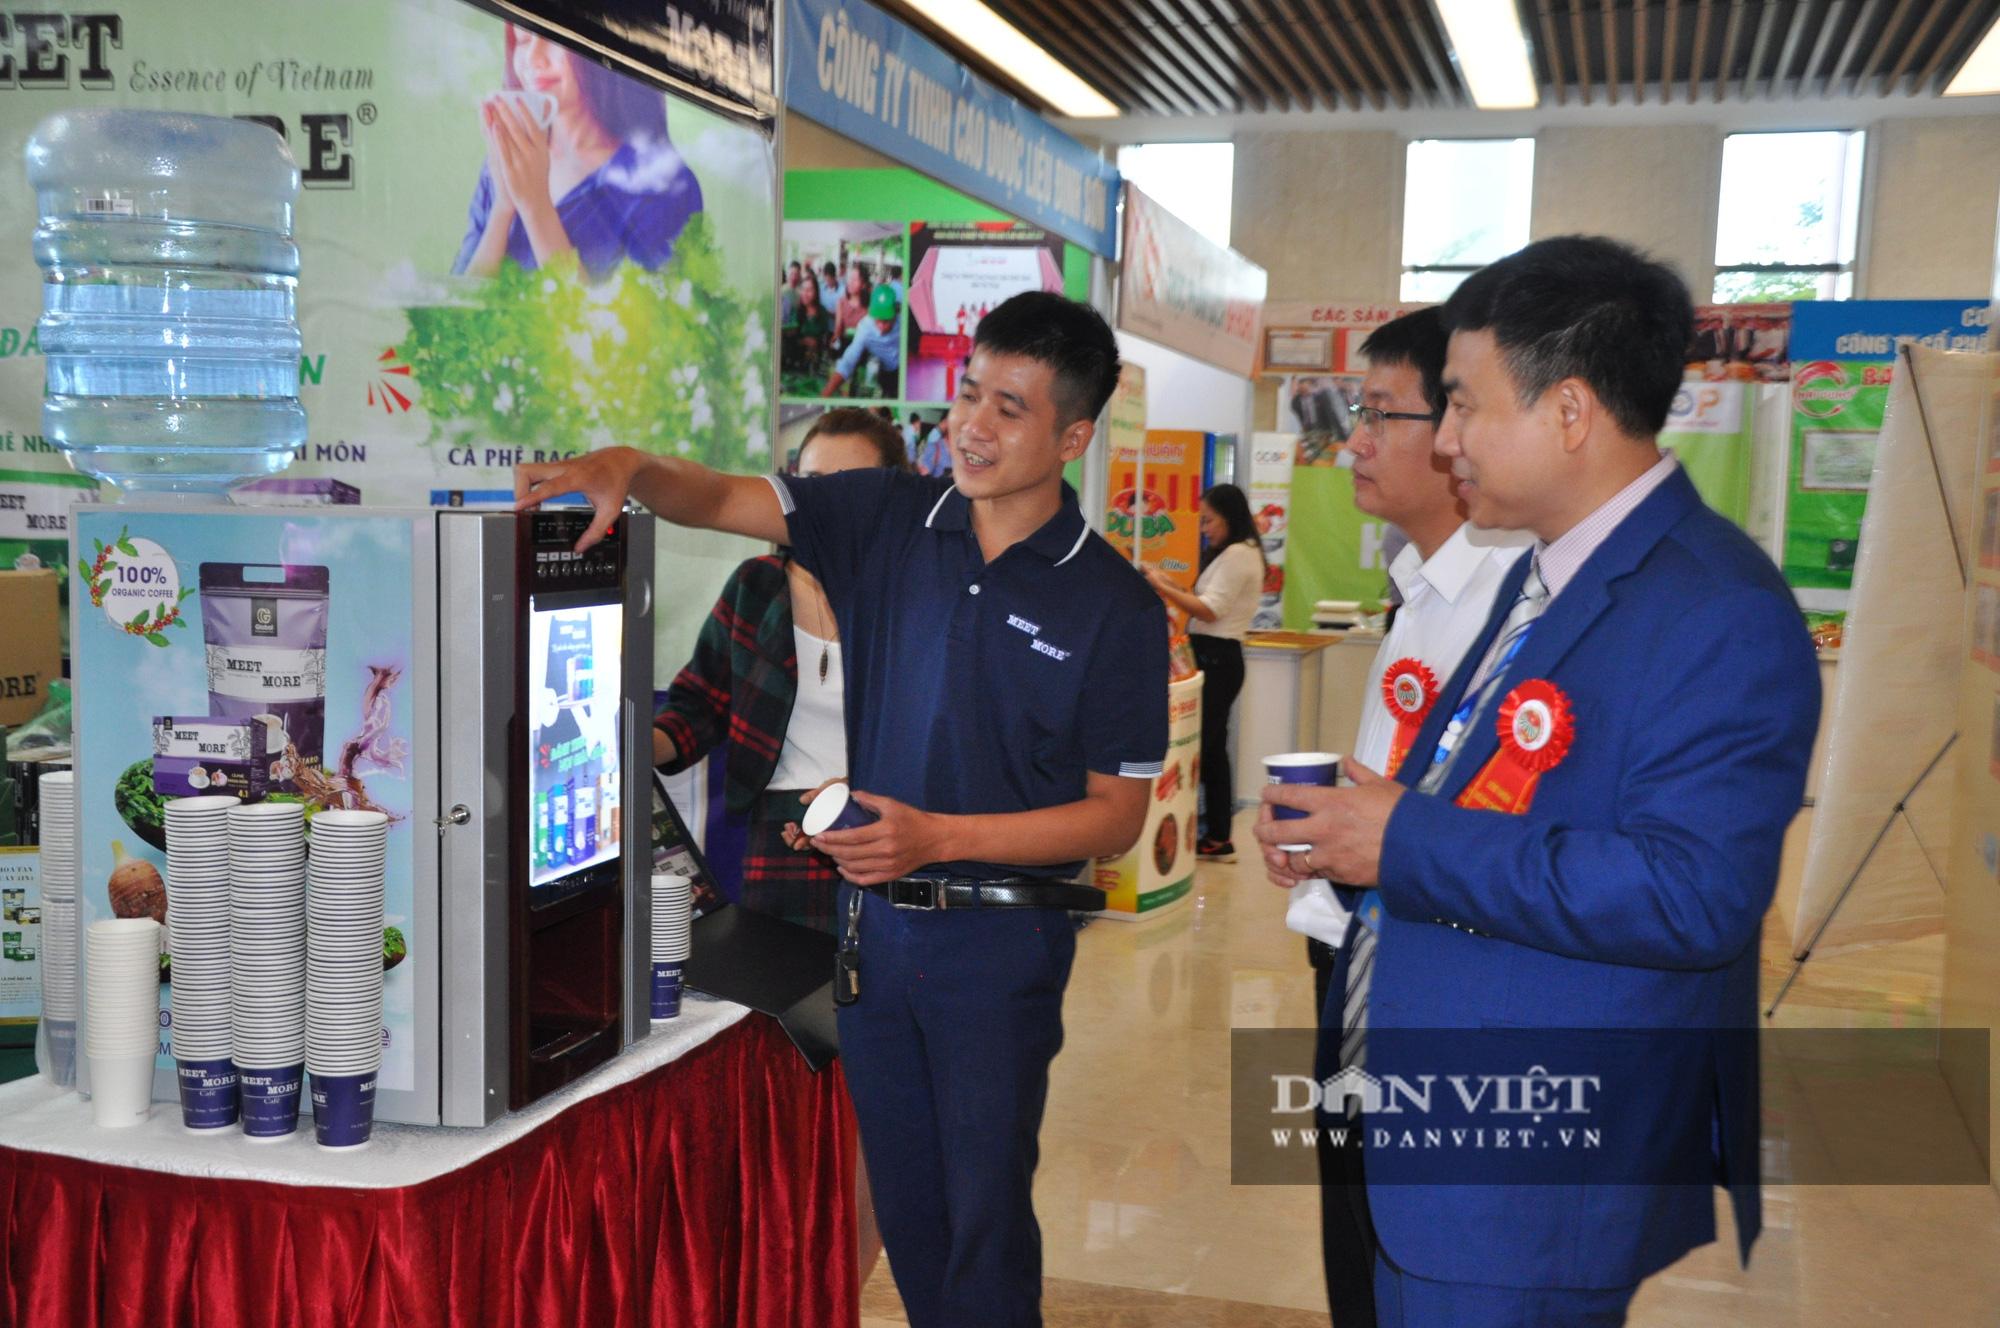 Thủ tướng khen ngợi sản phẩm hữu cơ độc đáo tại Lễ kỷ niệm 90 năm ngày thành lập Hội Nông dân Việt Nam - Ảnh 7.